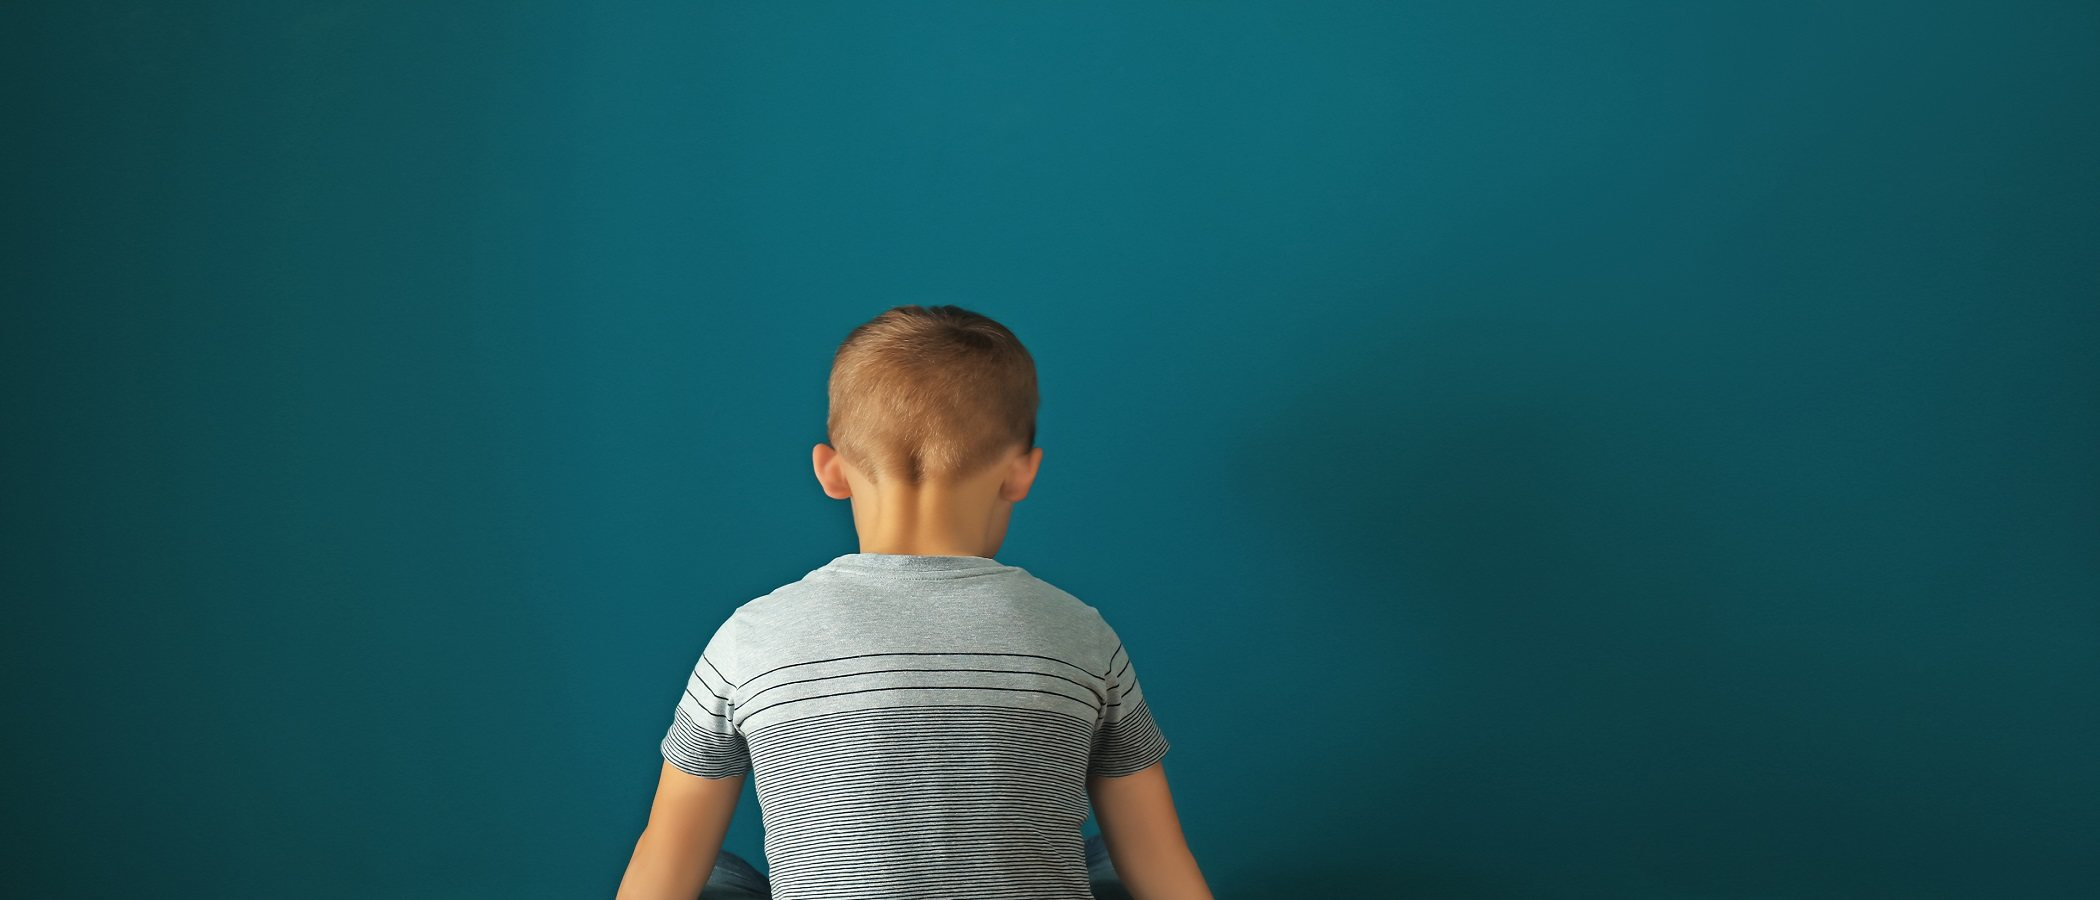 Estrategias de disciplina para niños con autismo